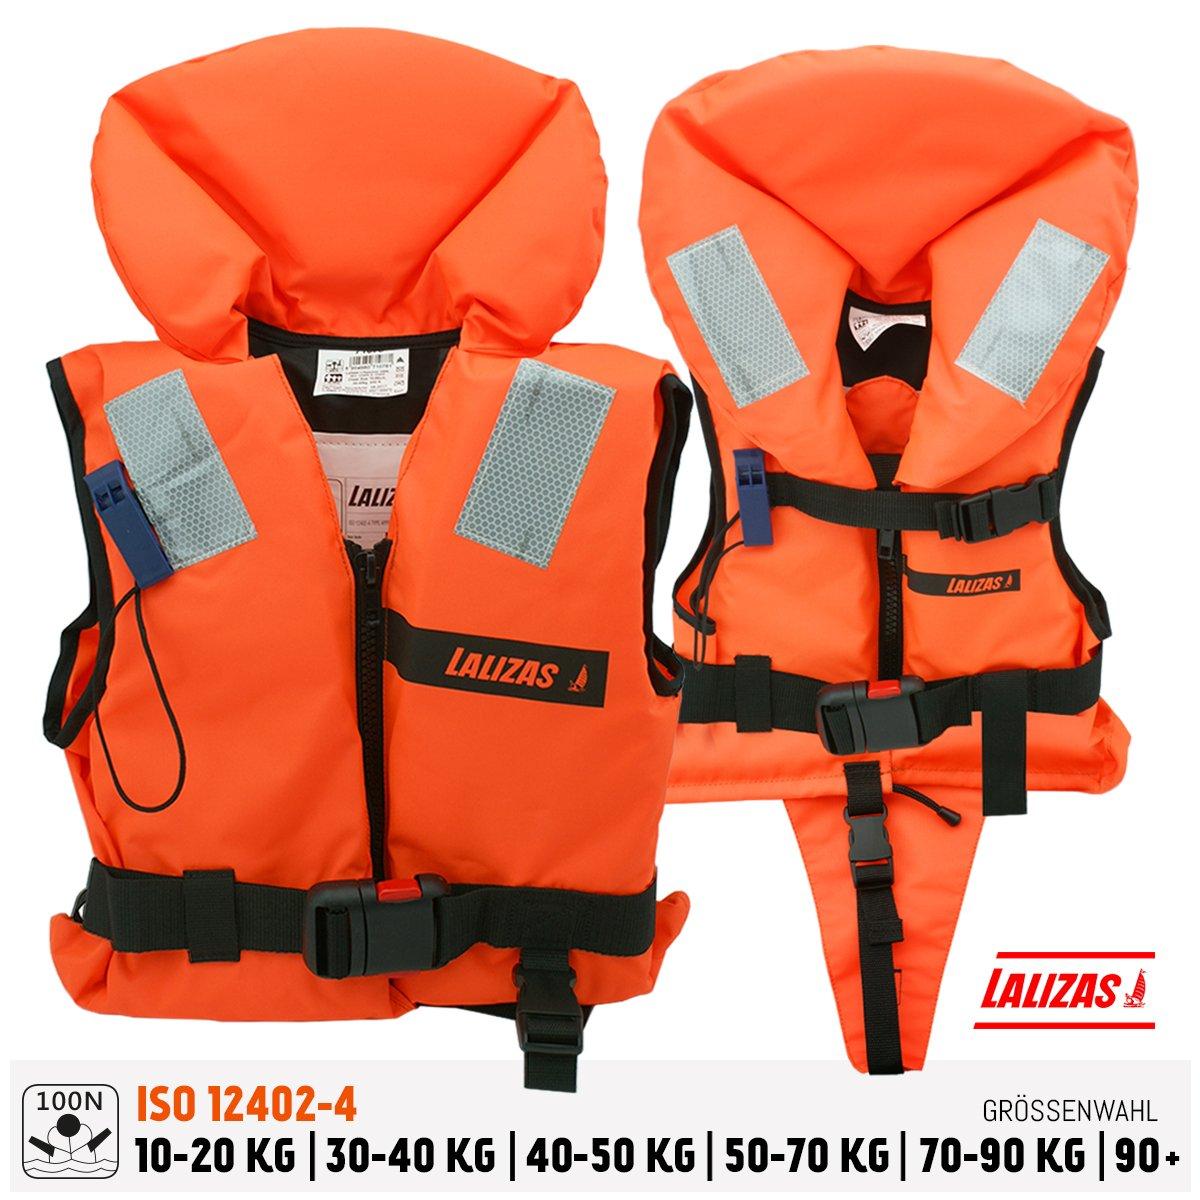 AWN Black Edition Veste de r/égate Gilet de flottable Aide /à flottabilit/é Kayak Sup Planche /à Voile 70-90 kg